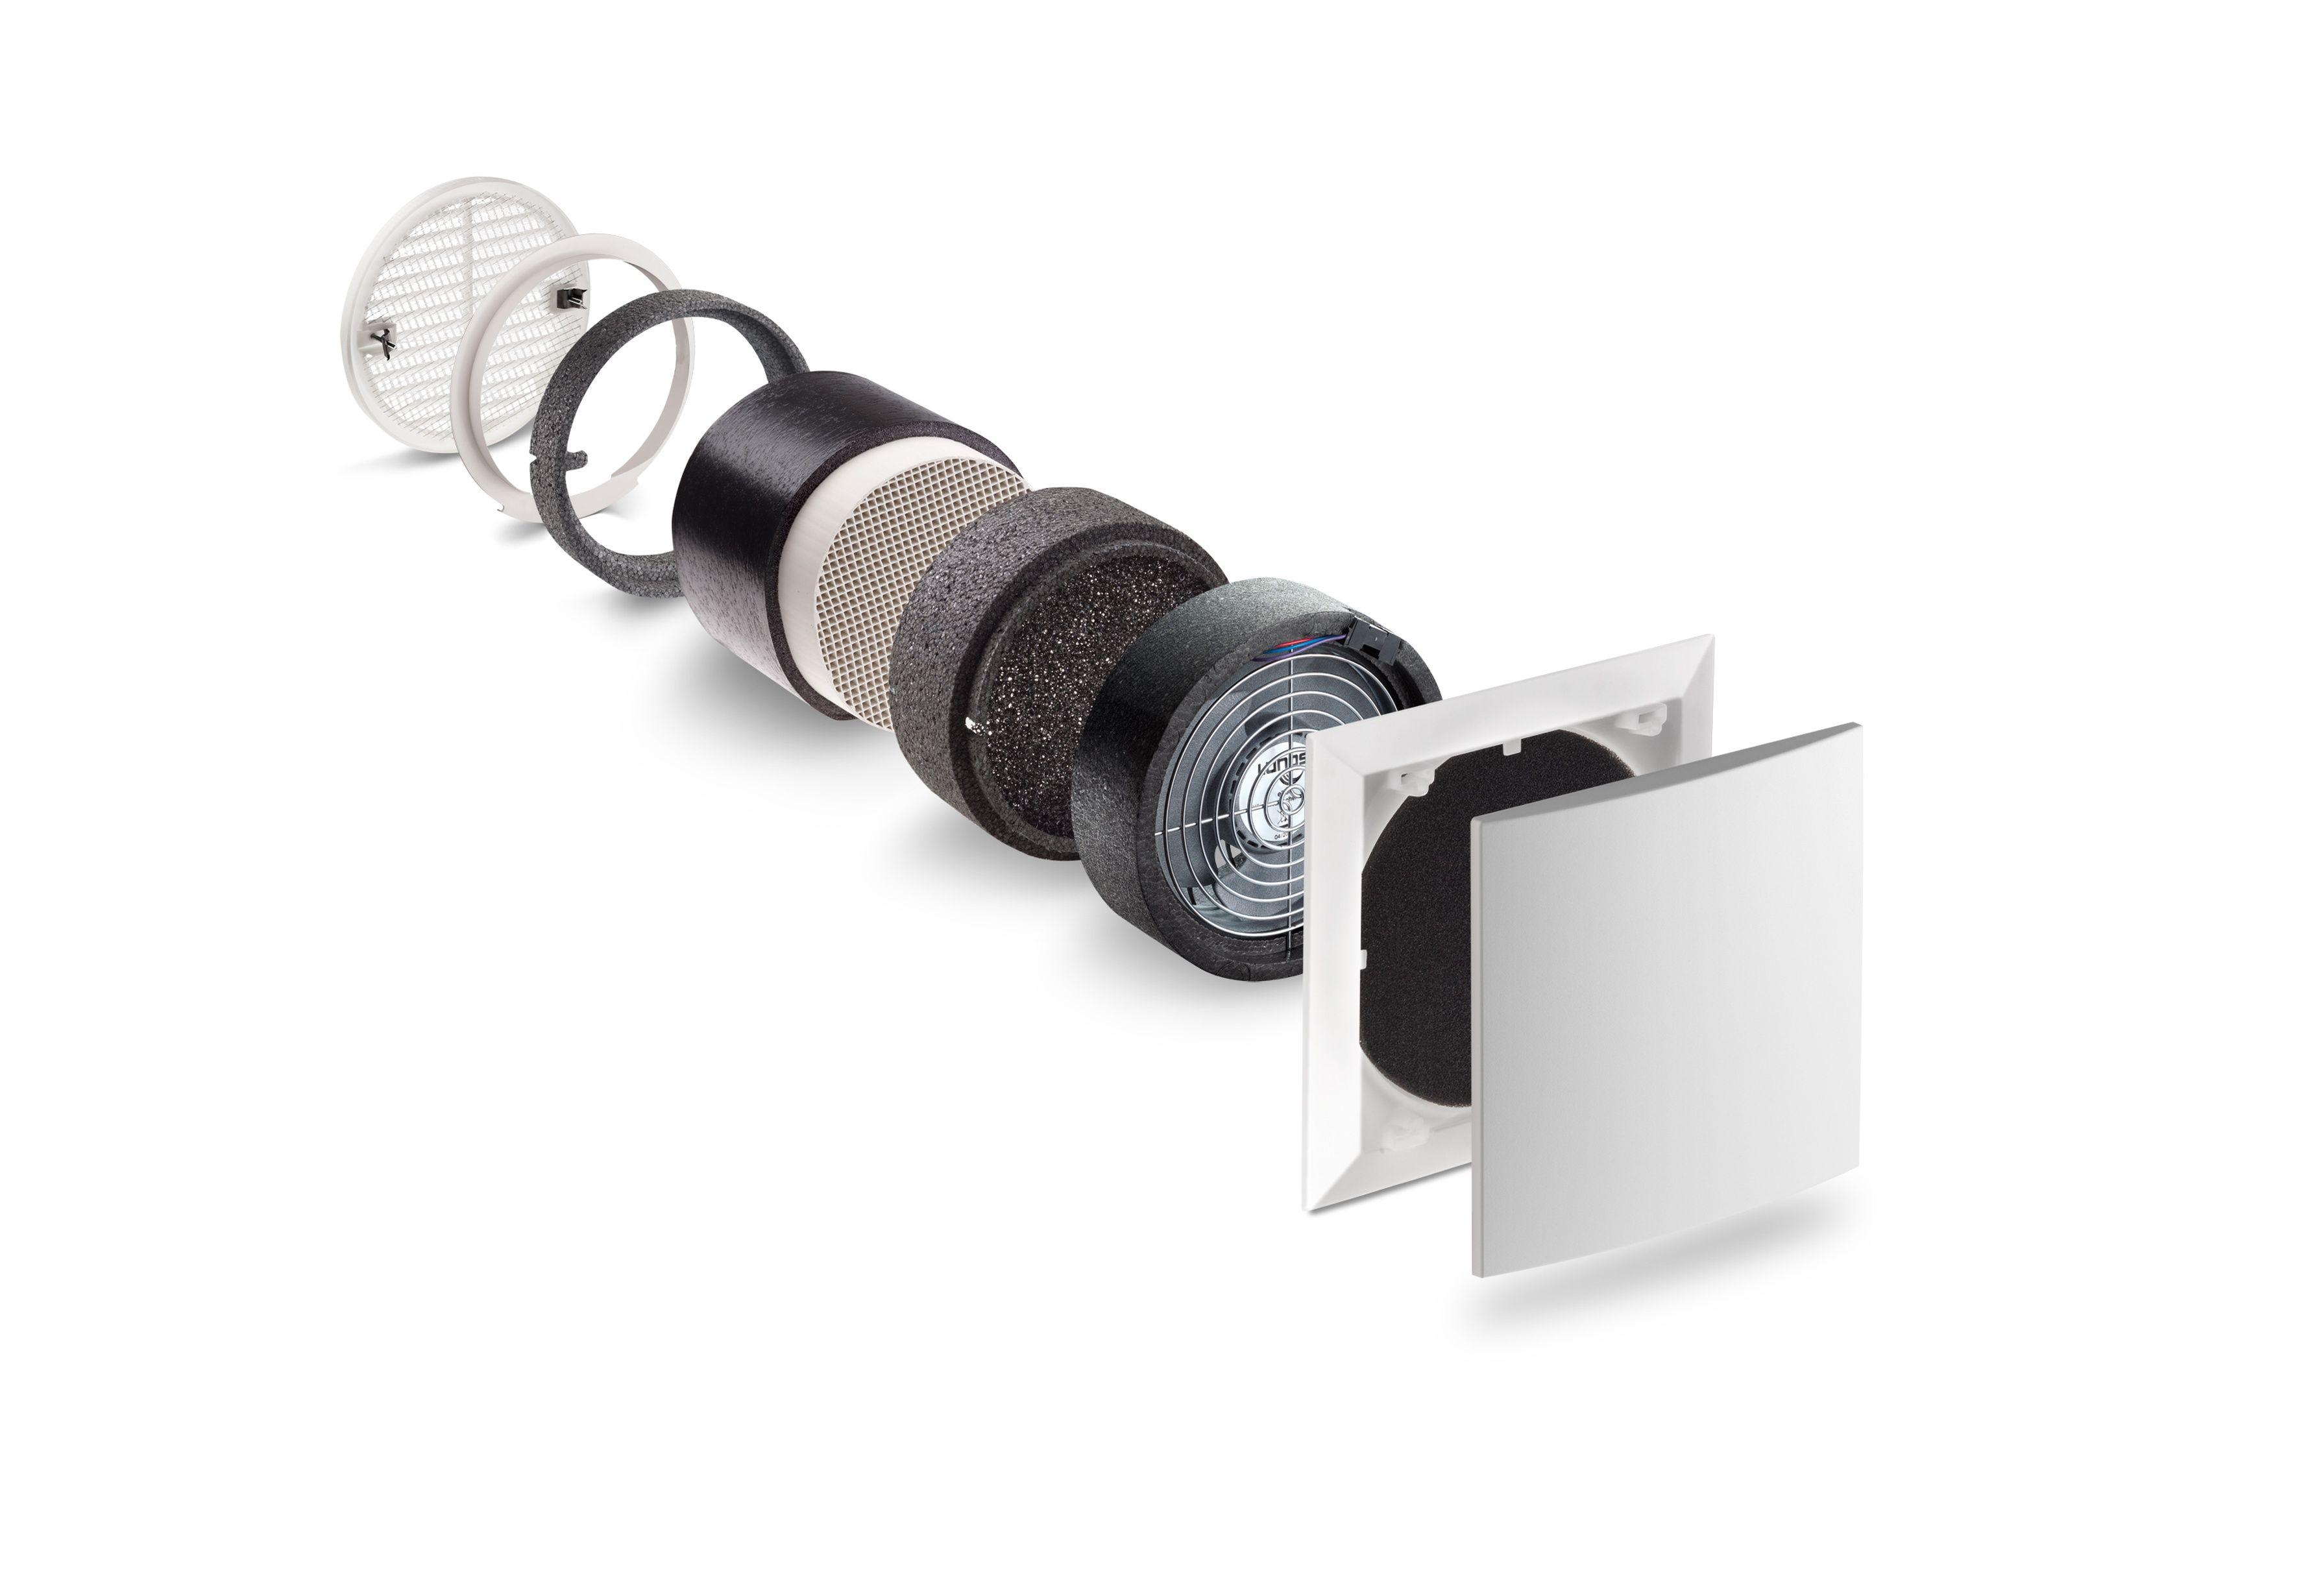 Lunos E 60 Konstanter Volumenstrom Bei Hohen Gegendrucken Luftungsanlagen Luftung Drucken